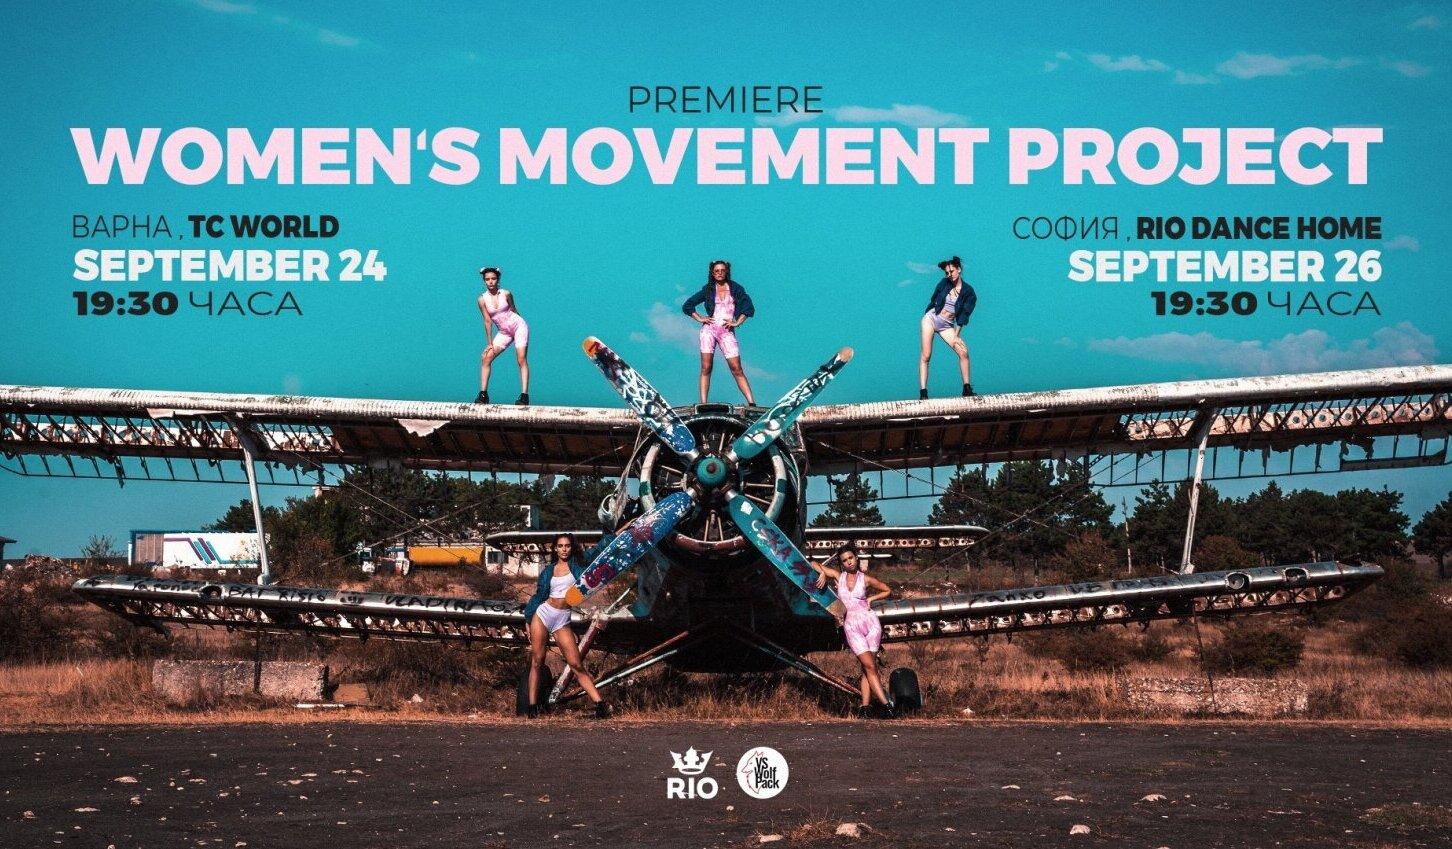 ПРЕМИЕРА--Women's Movement - Късометражен Танцов Филм